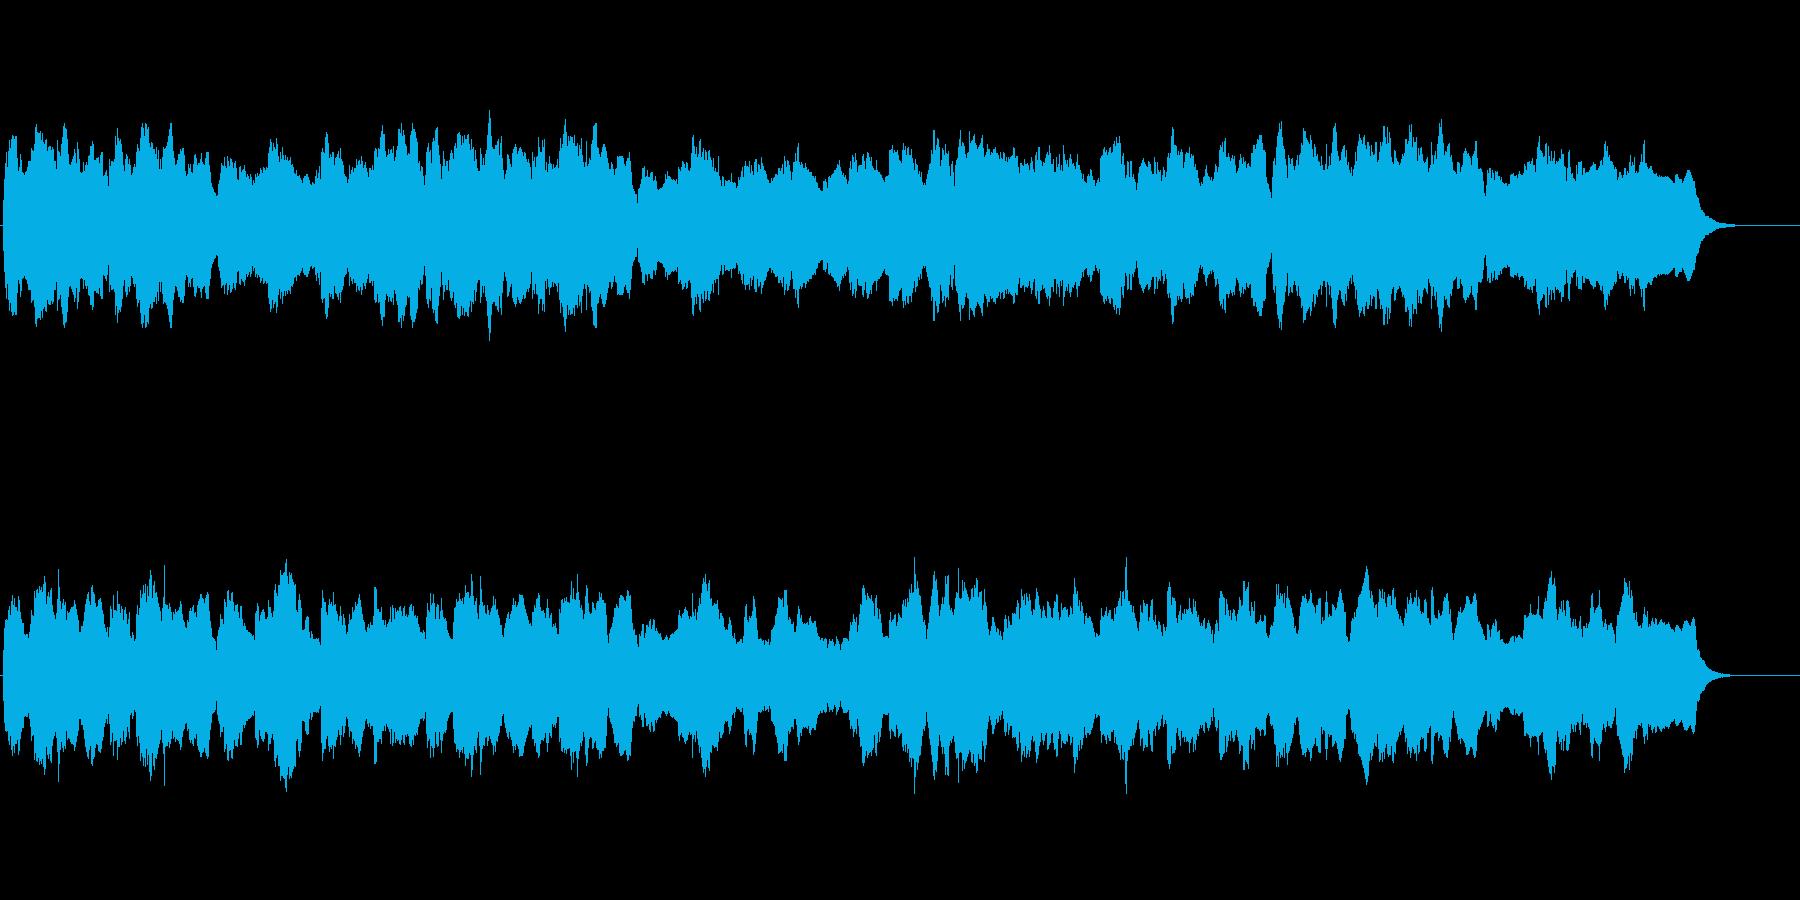 バロック風の四声の曲でお城のイメージの再生済みの波形